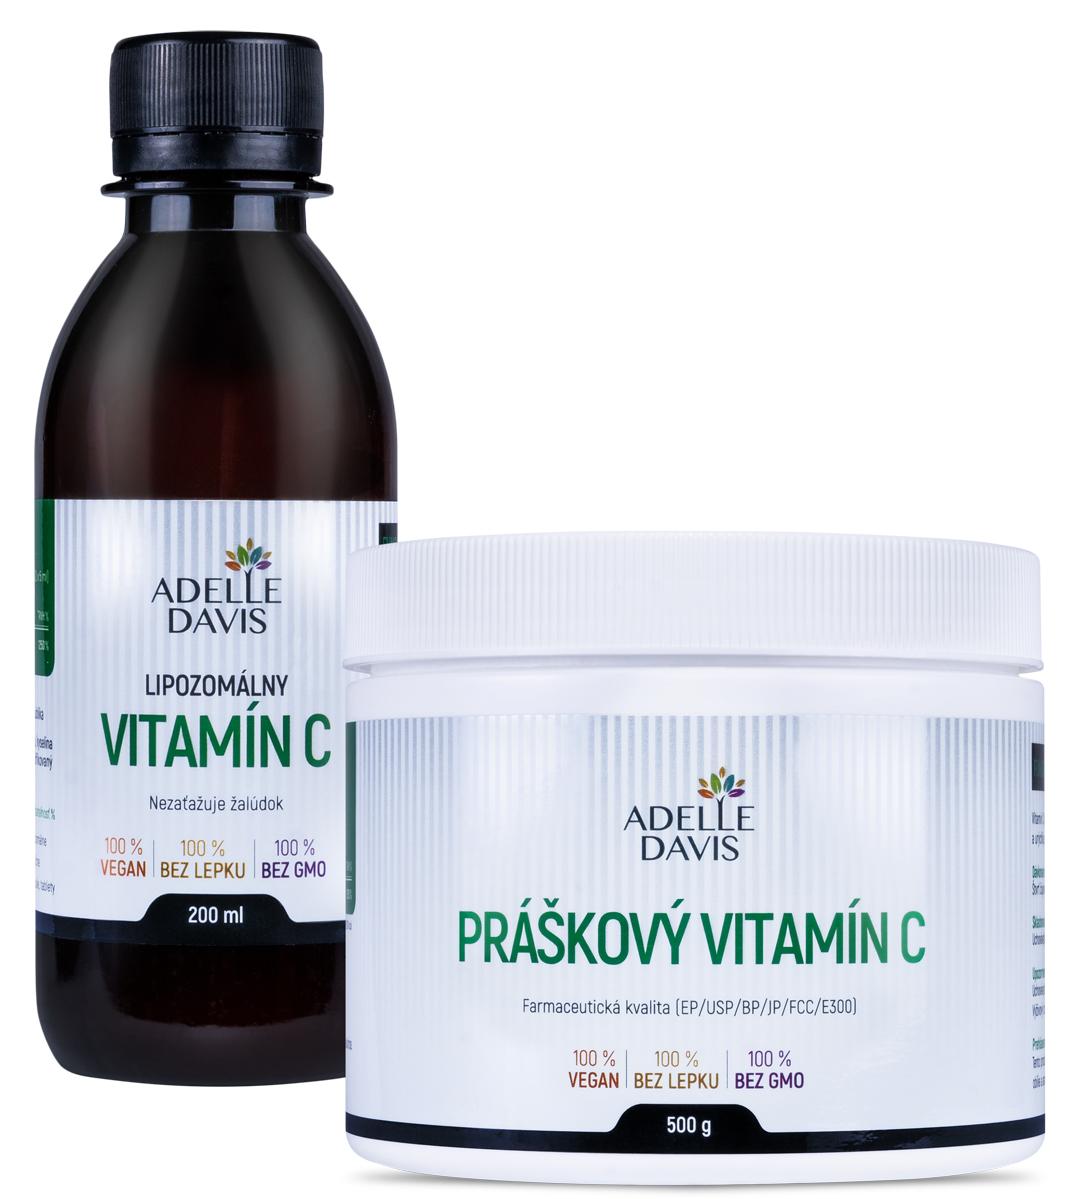 Adelle Davis - Lipozomálny vitamín C, 200 ml + Práškový vitamín C, 500 g